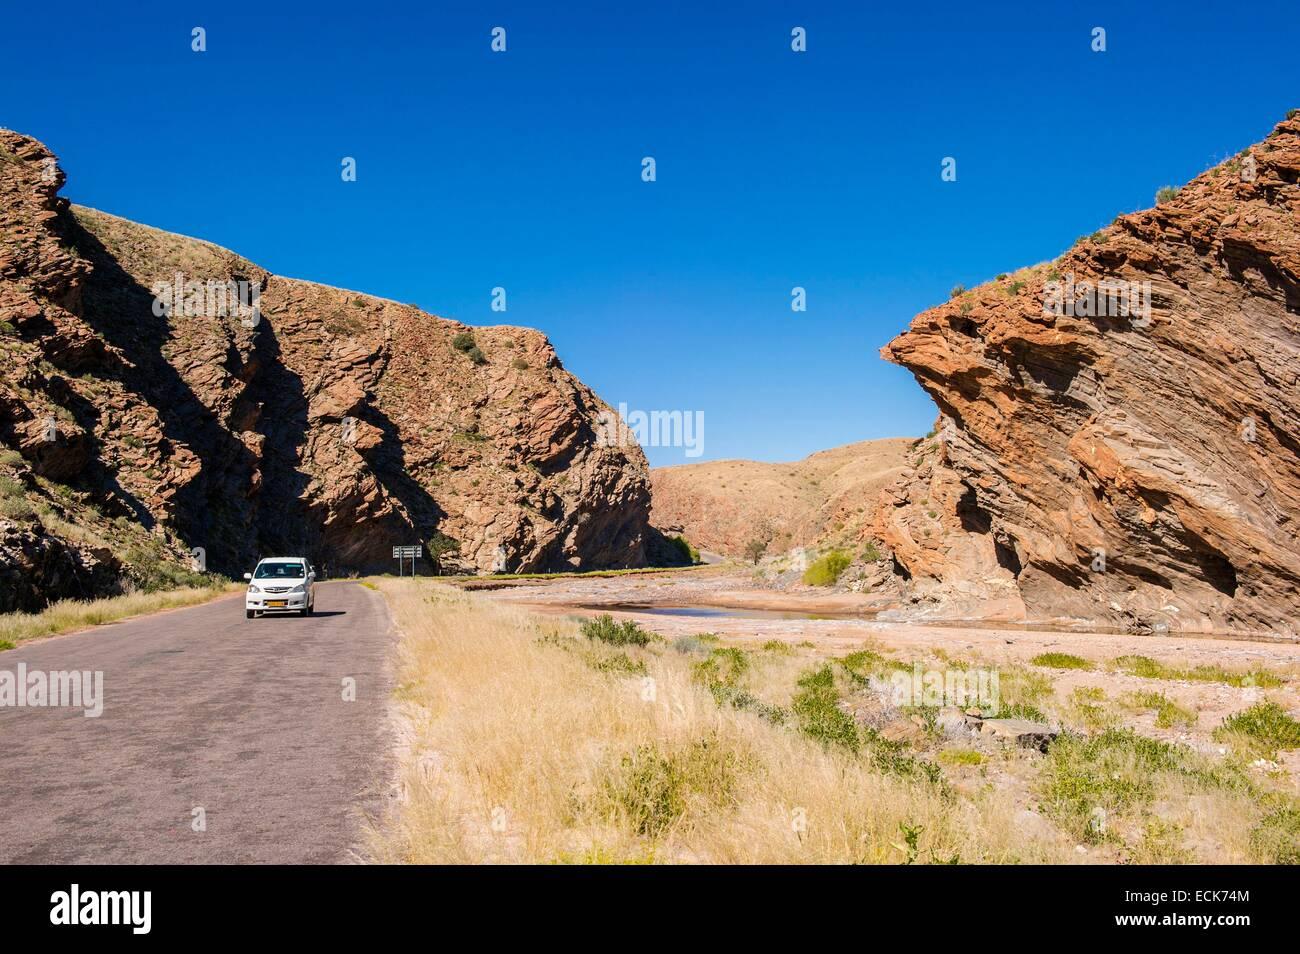 Namibia, Hardap region, Namib desert, Namib Sand Sea listed as World Heritage by UNESCO, Kuiseb canyon - Stock Image